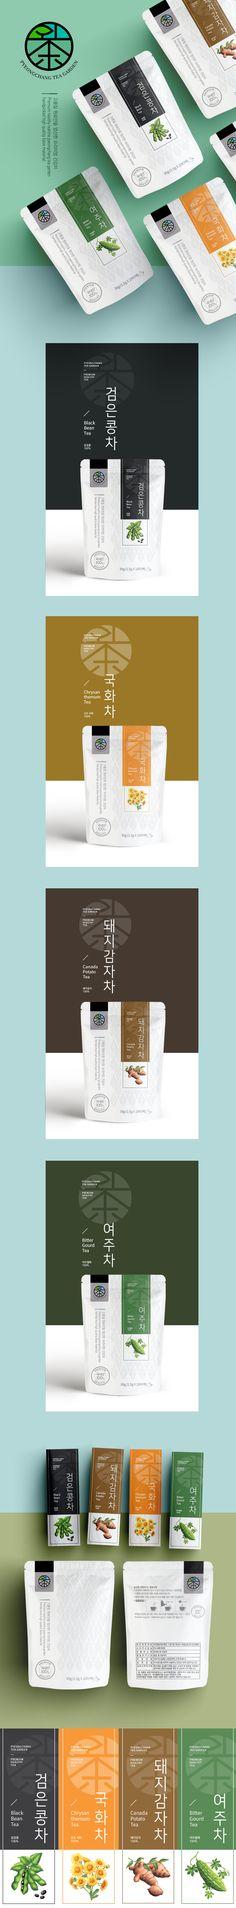 라우드소싱 | 디자이너 크라우드소싱 플랫폼 Food Branding, Food Packaging Design, Branding Design, Dots Design, Label Design, Layout Design, Tea Packaging, Brand Packaging, Visual Communication Design